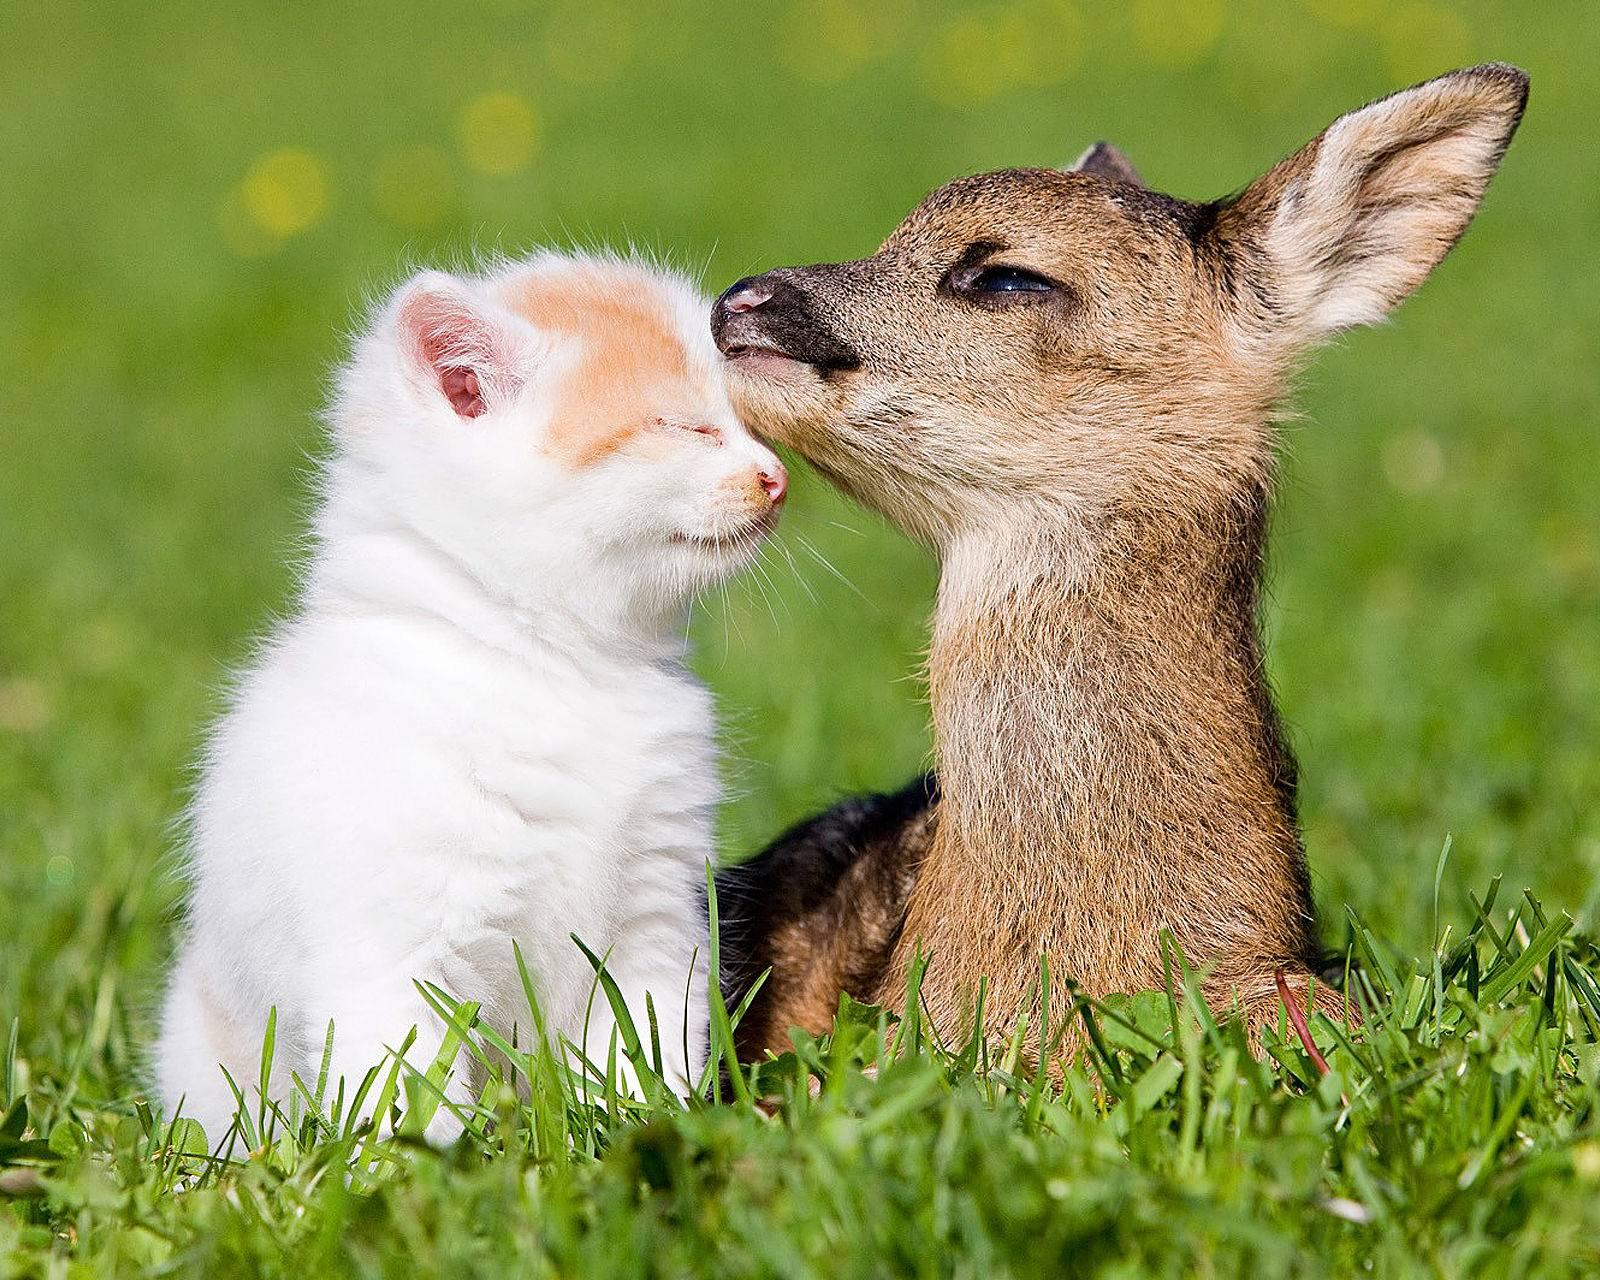 Cat And Deer Hd